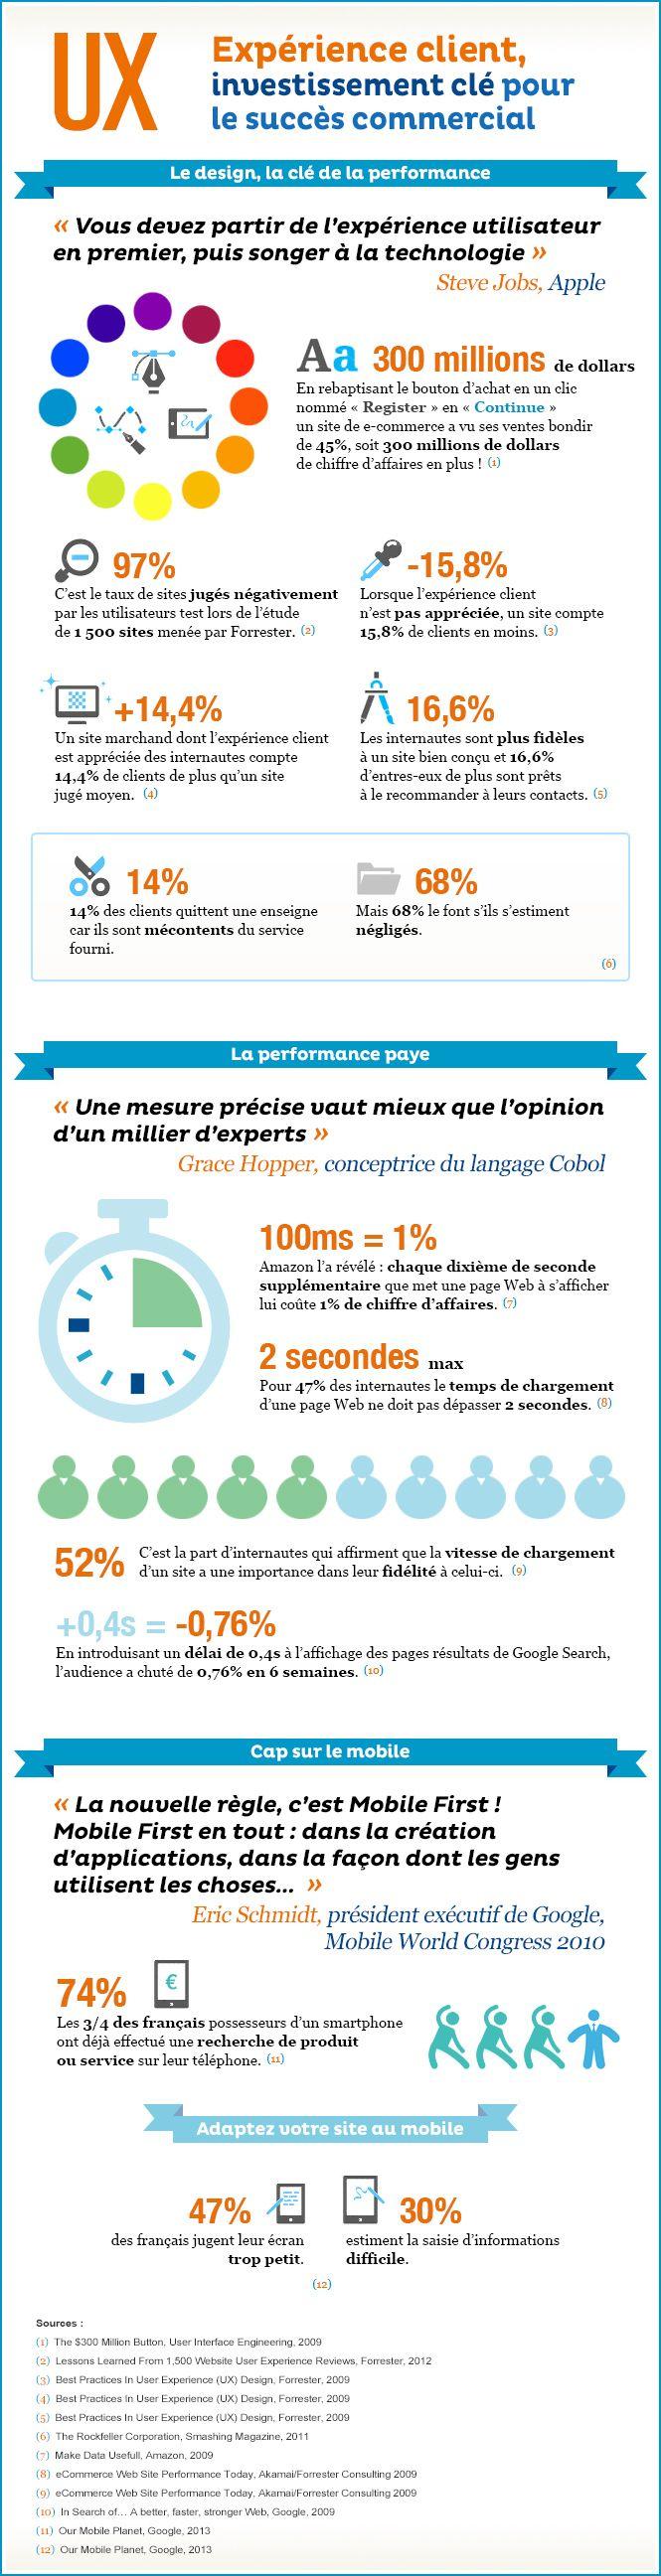 #Infographie L'#expérience utilisateur, un élément essentiel pour vos performances #ecommerce - Capgemini / Les Echos